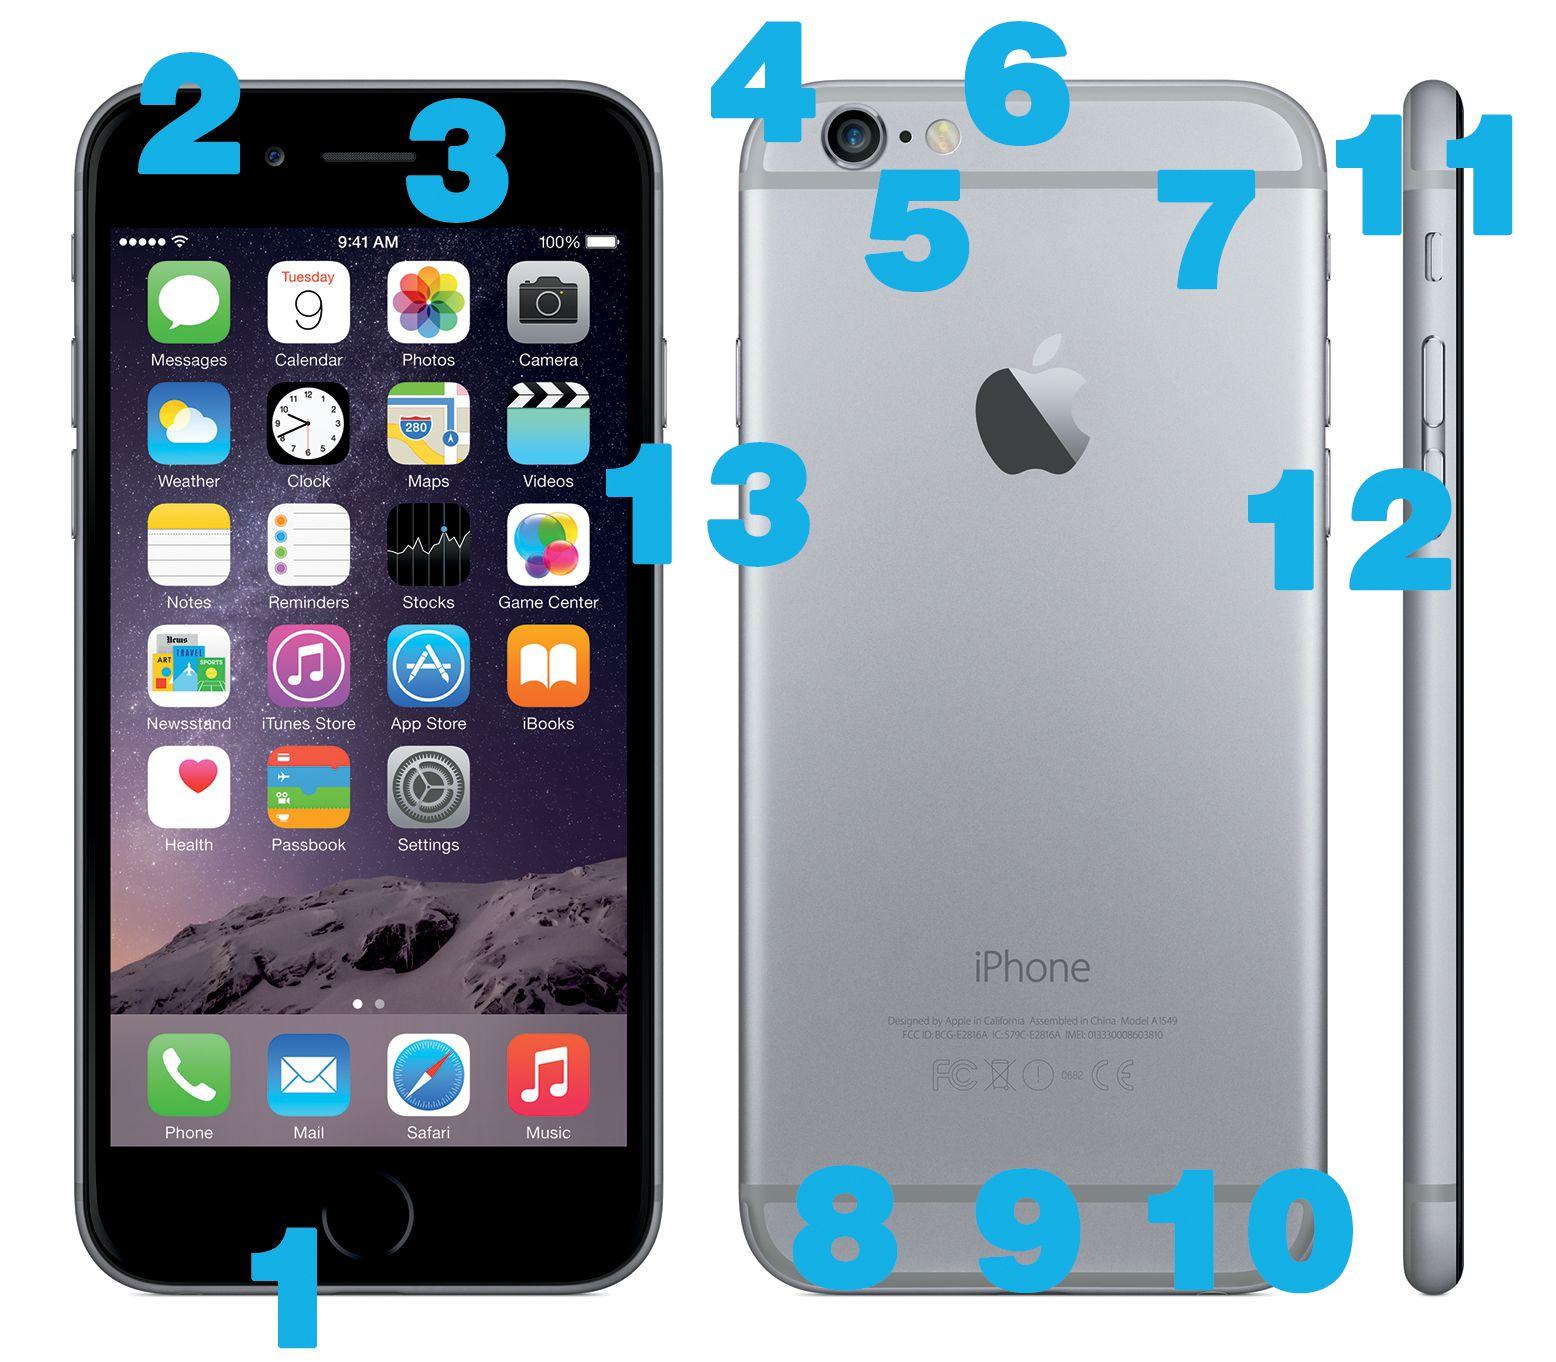 iPhone 6 and iPhone 6 Plus Hardware Diagram